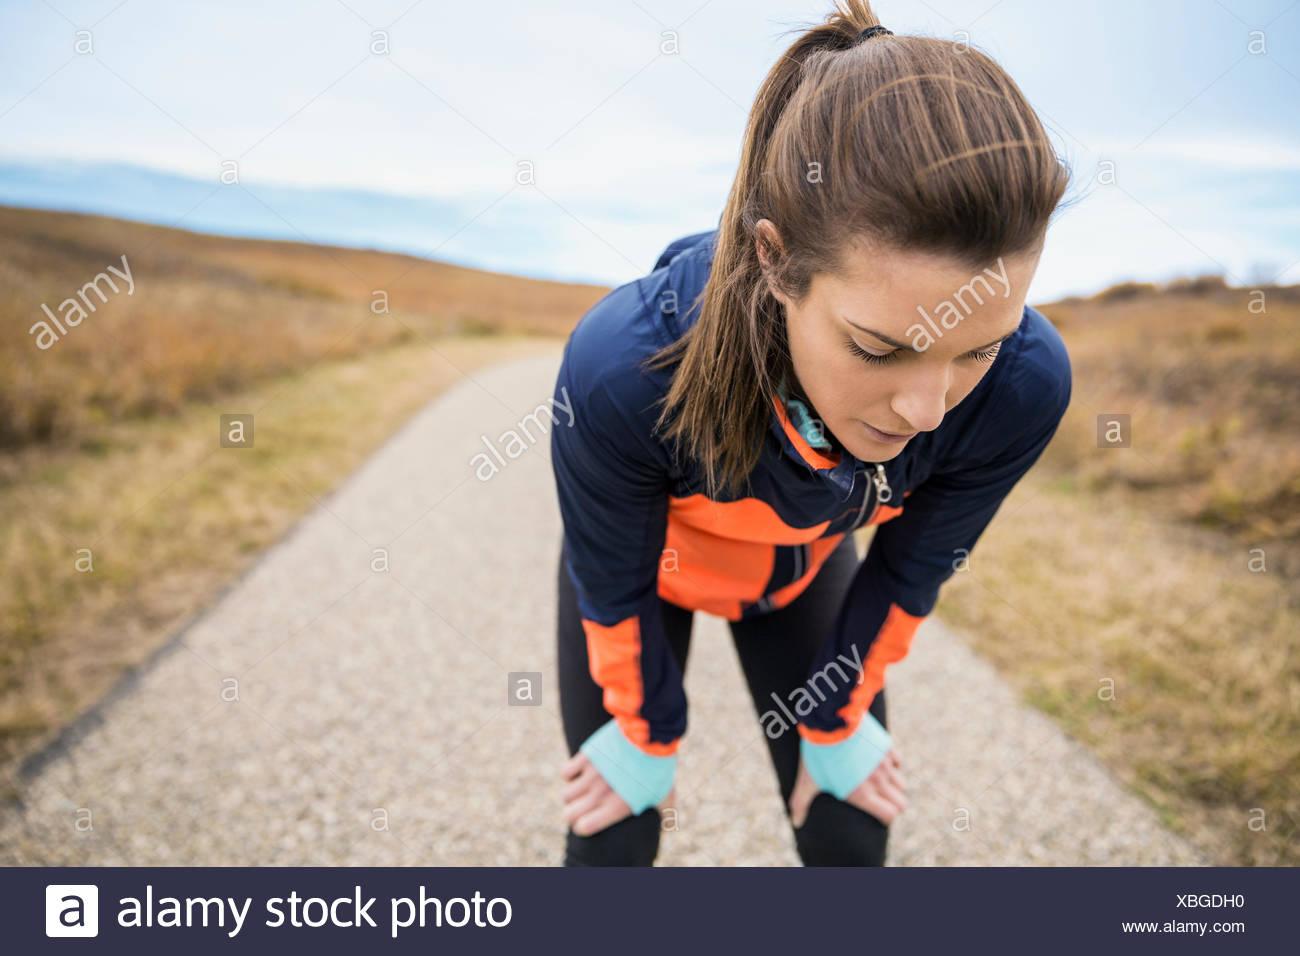 Runner in appoggio sul percorso rurale Immagini Stock